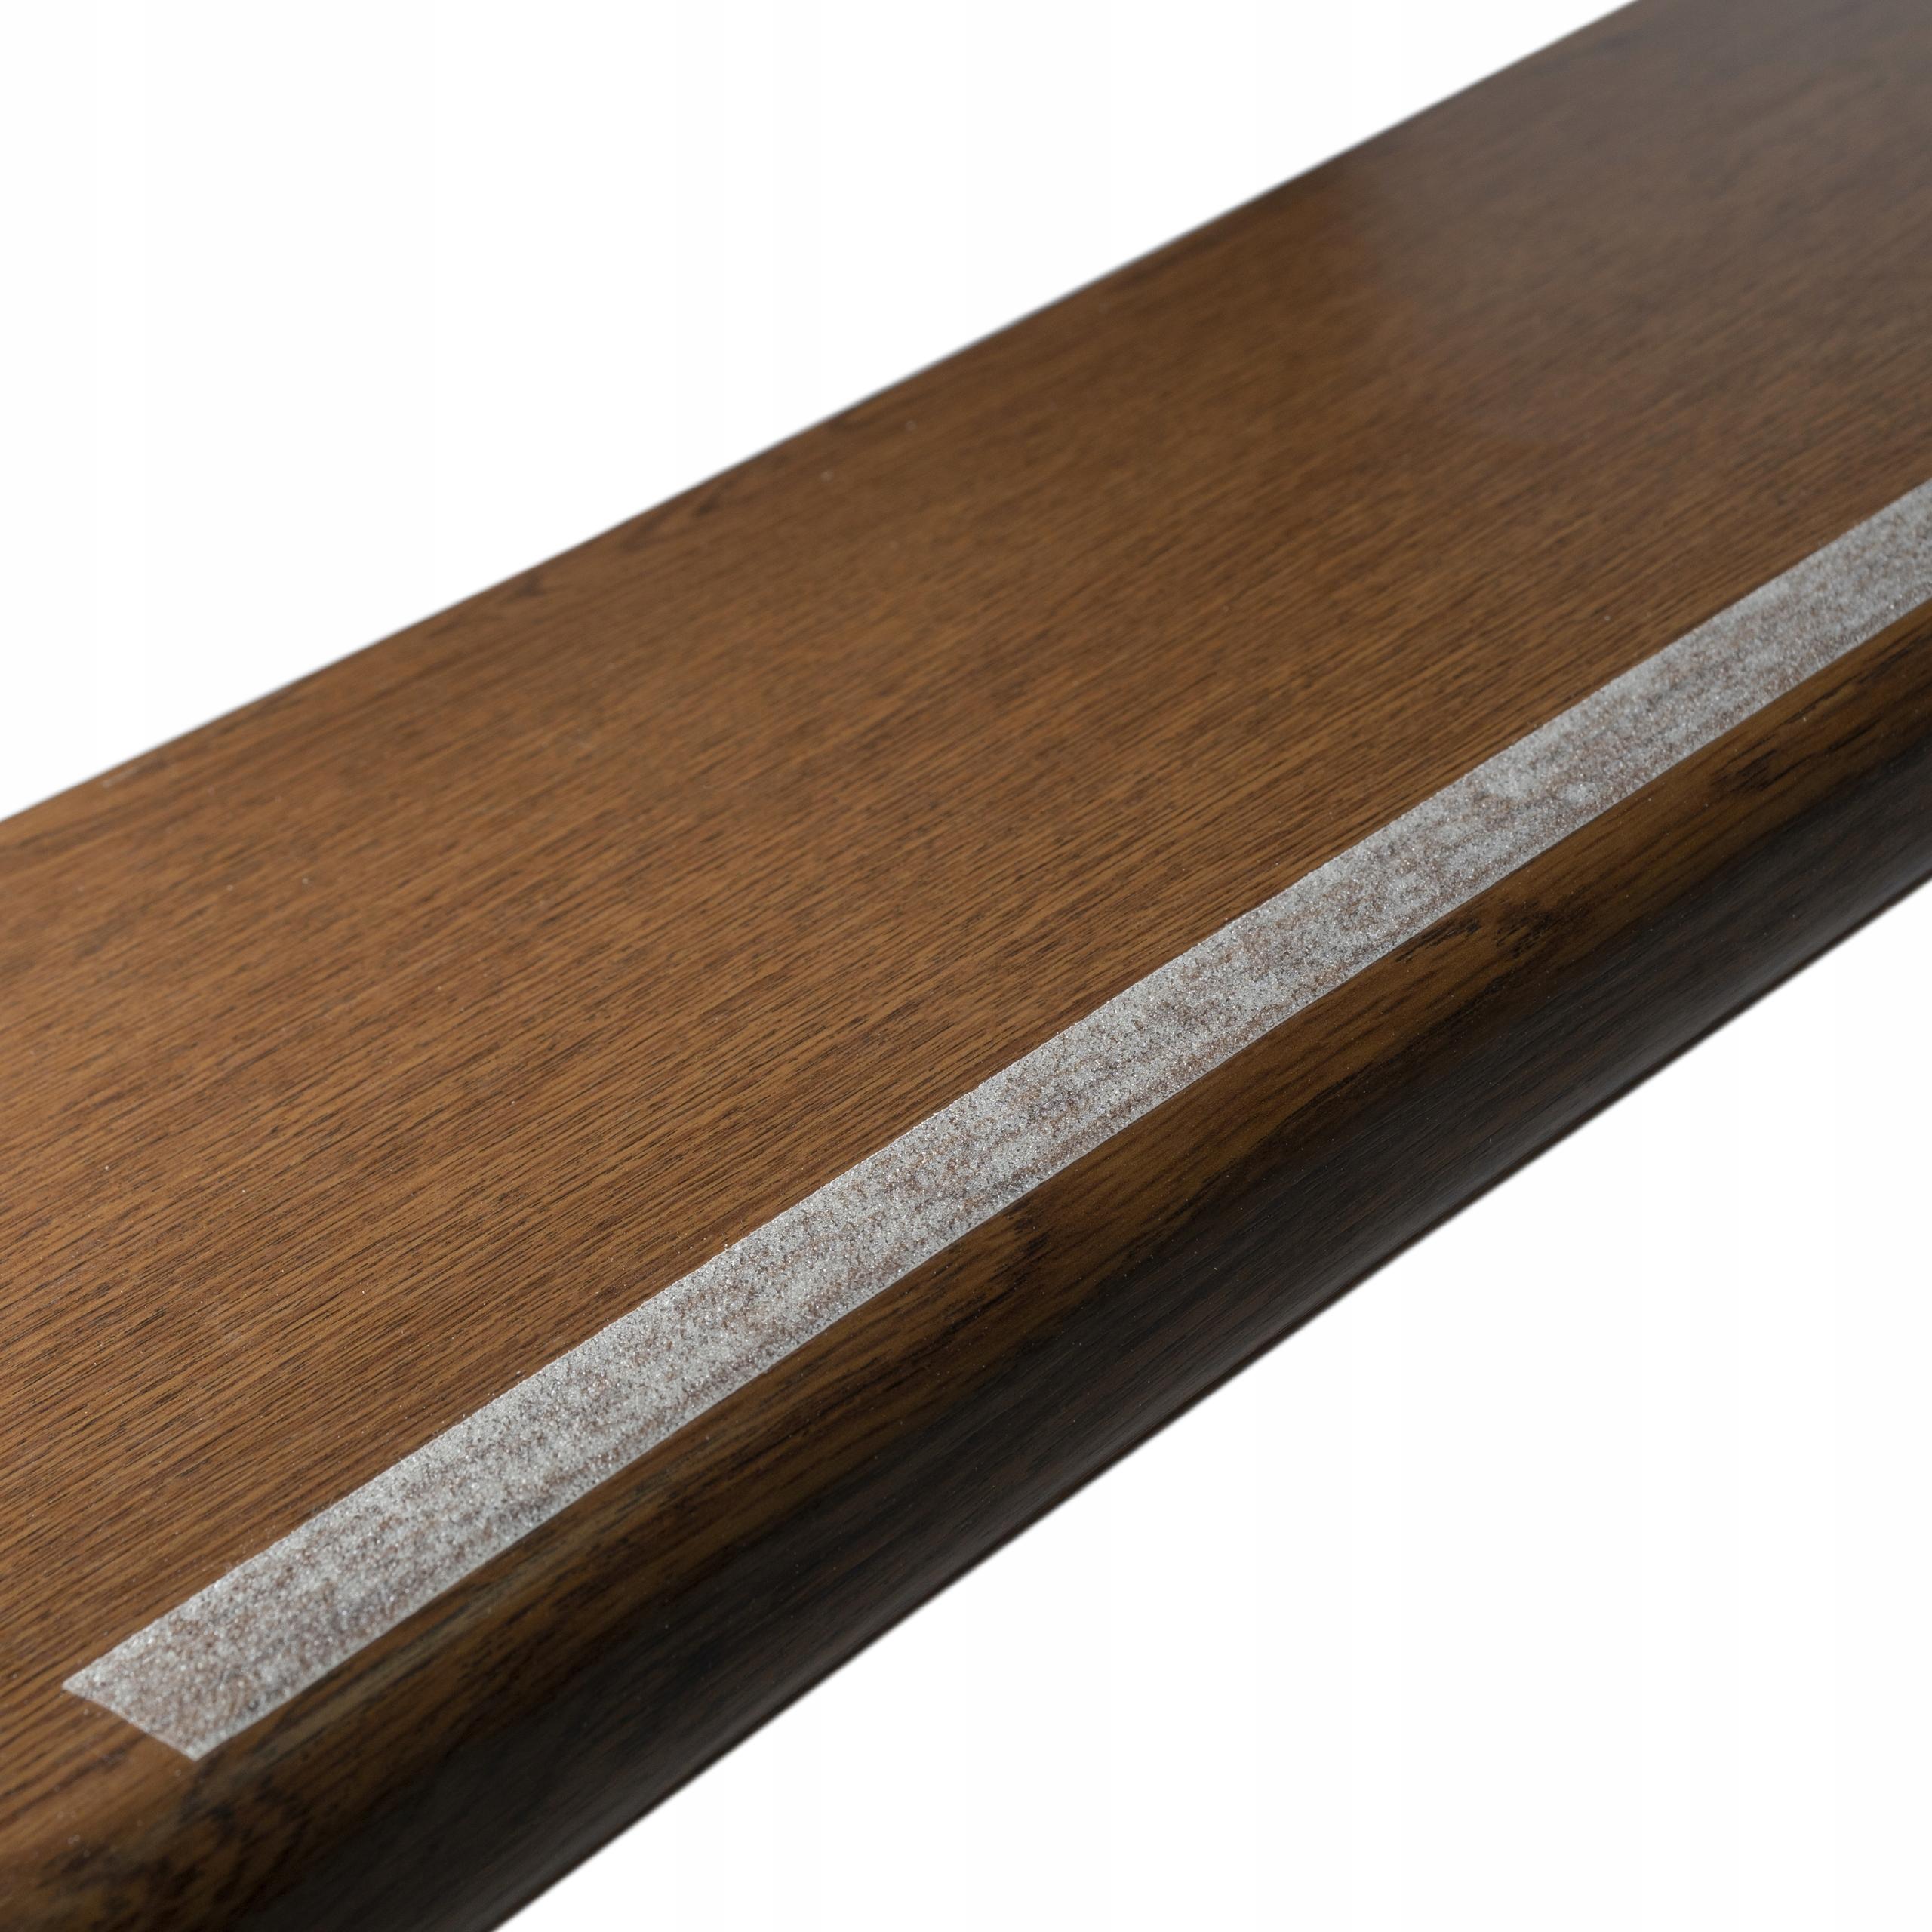 TAPE 25mm NON-SLIP STAIR BANNER 1m